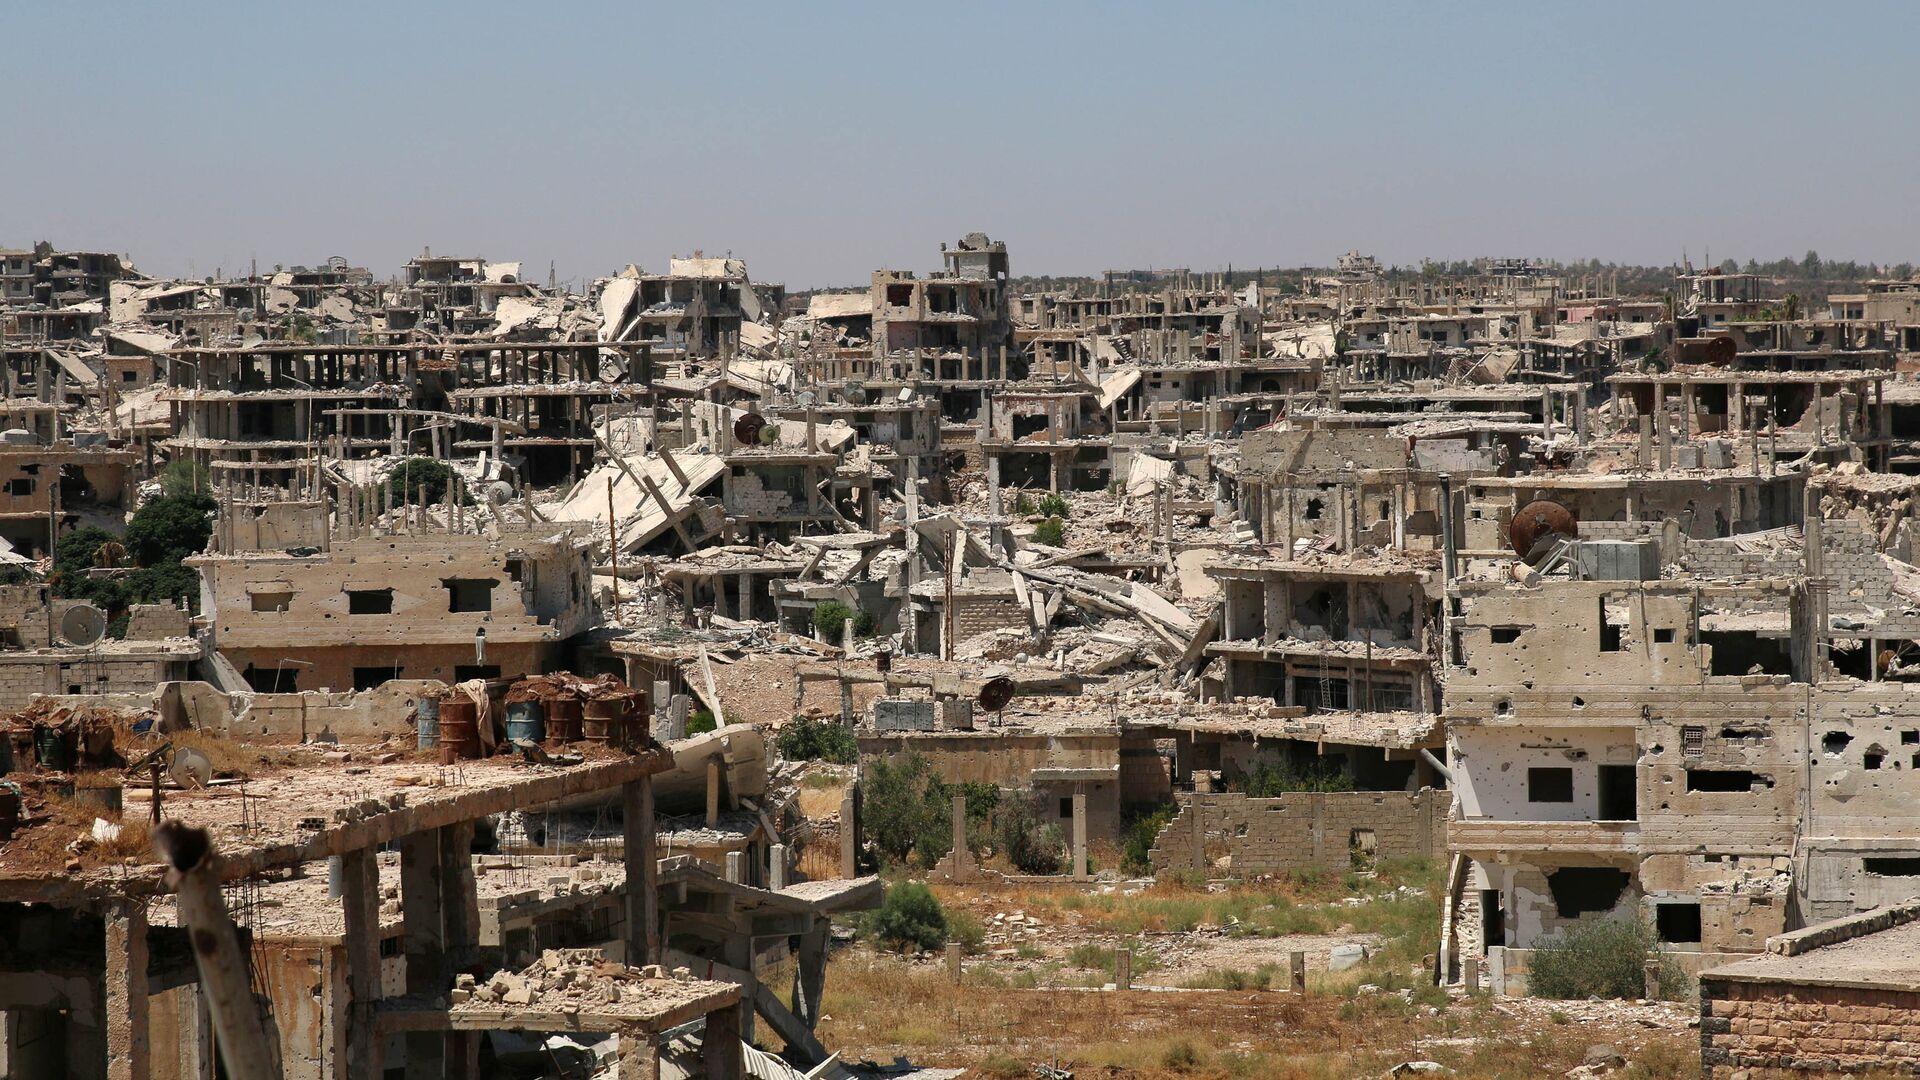 Edificios destruidos en Deraa, Siria (archivo) - Sputnik Mundo, 1920, 08.09.2021